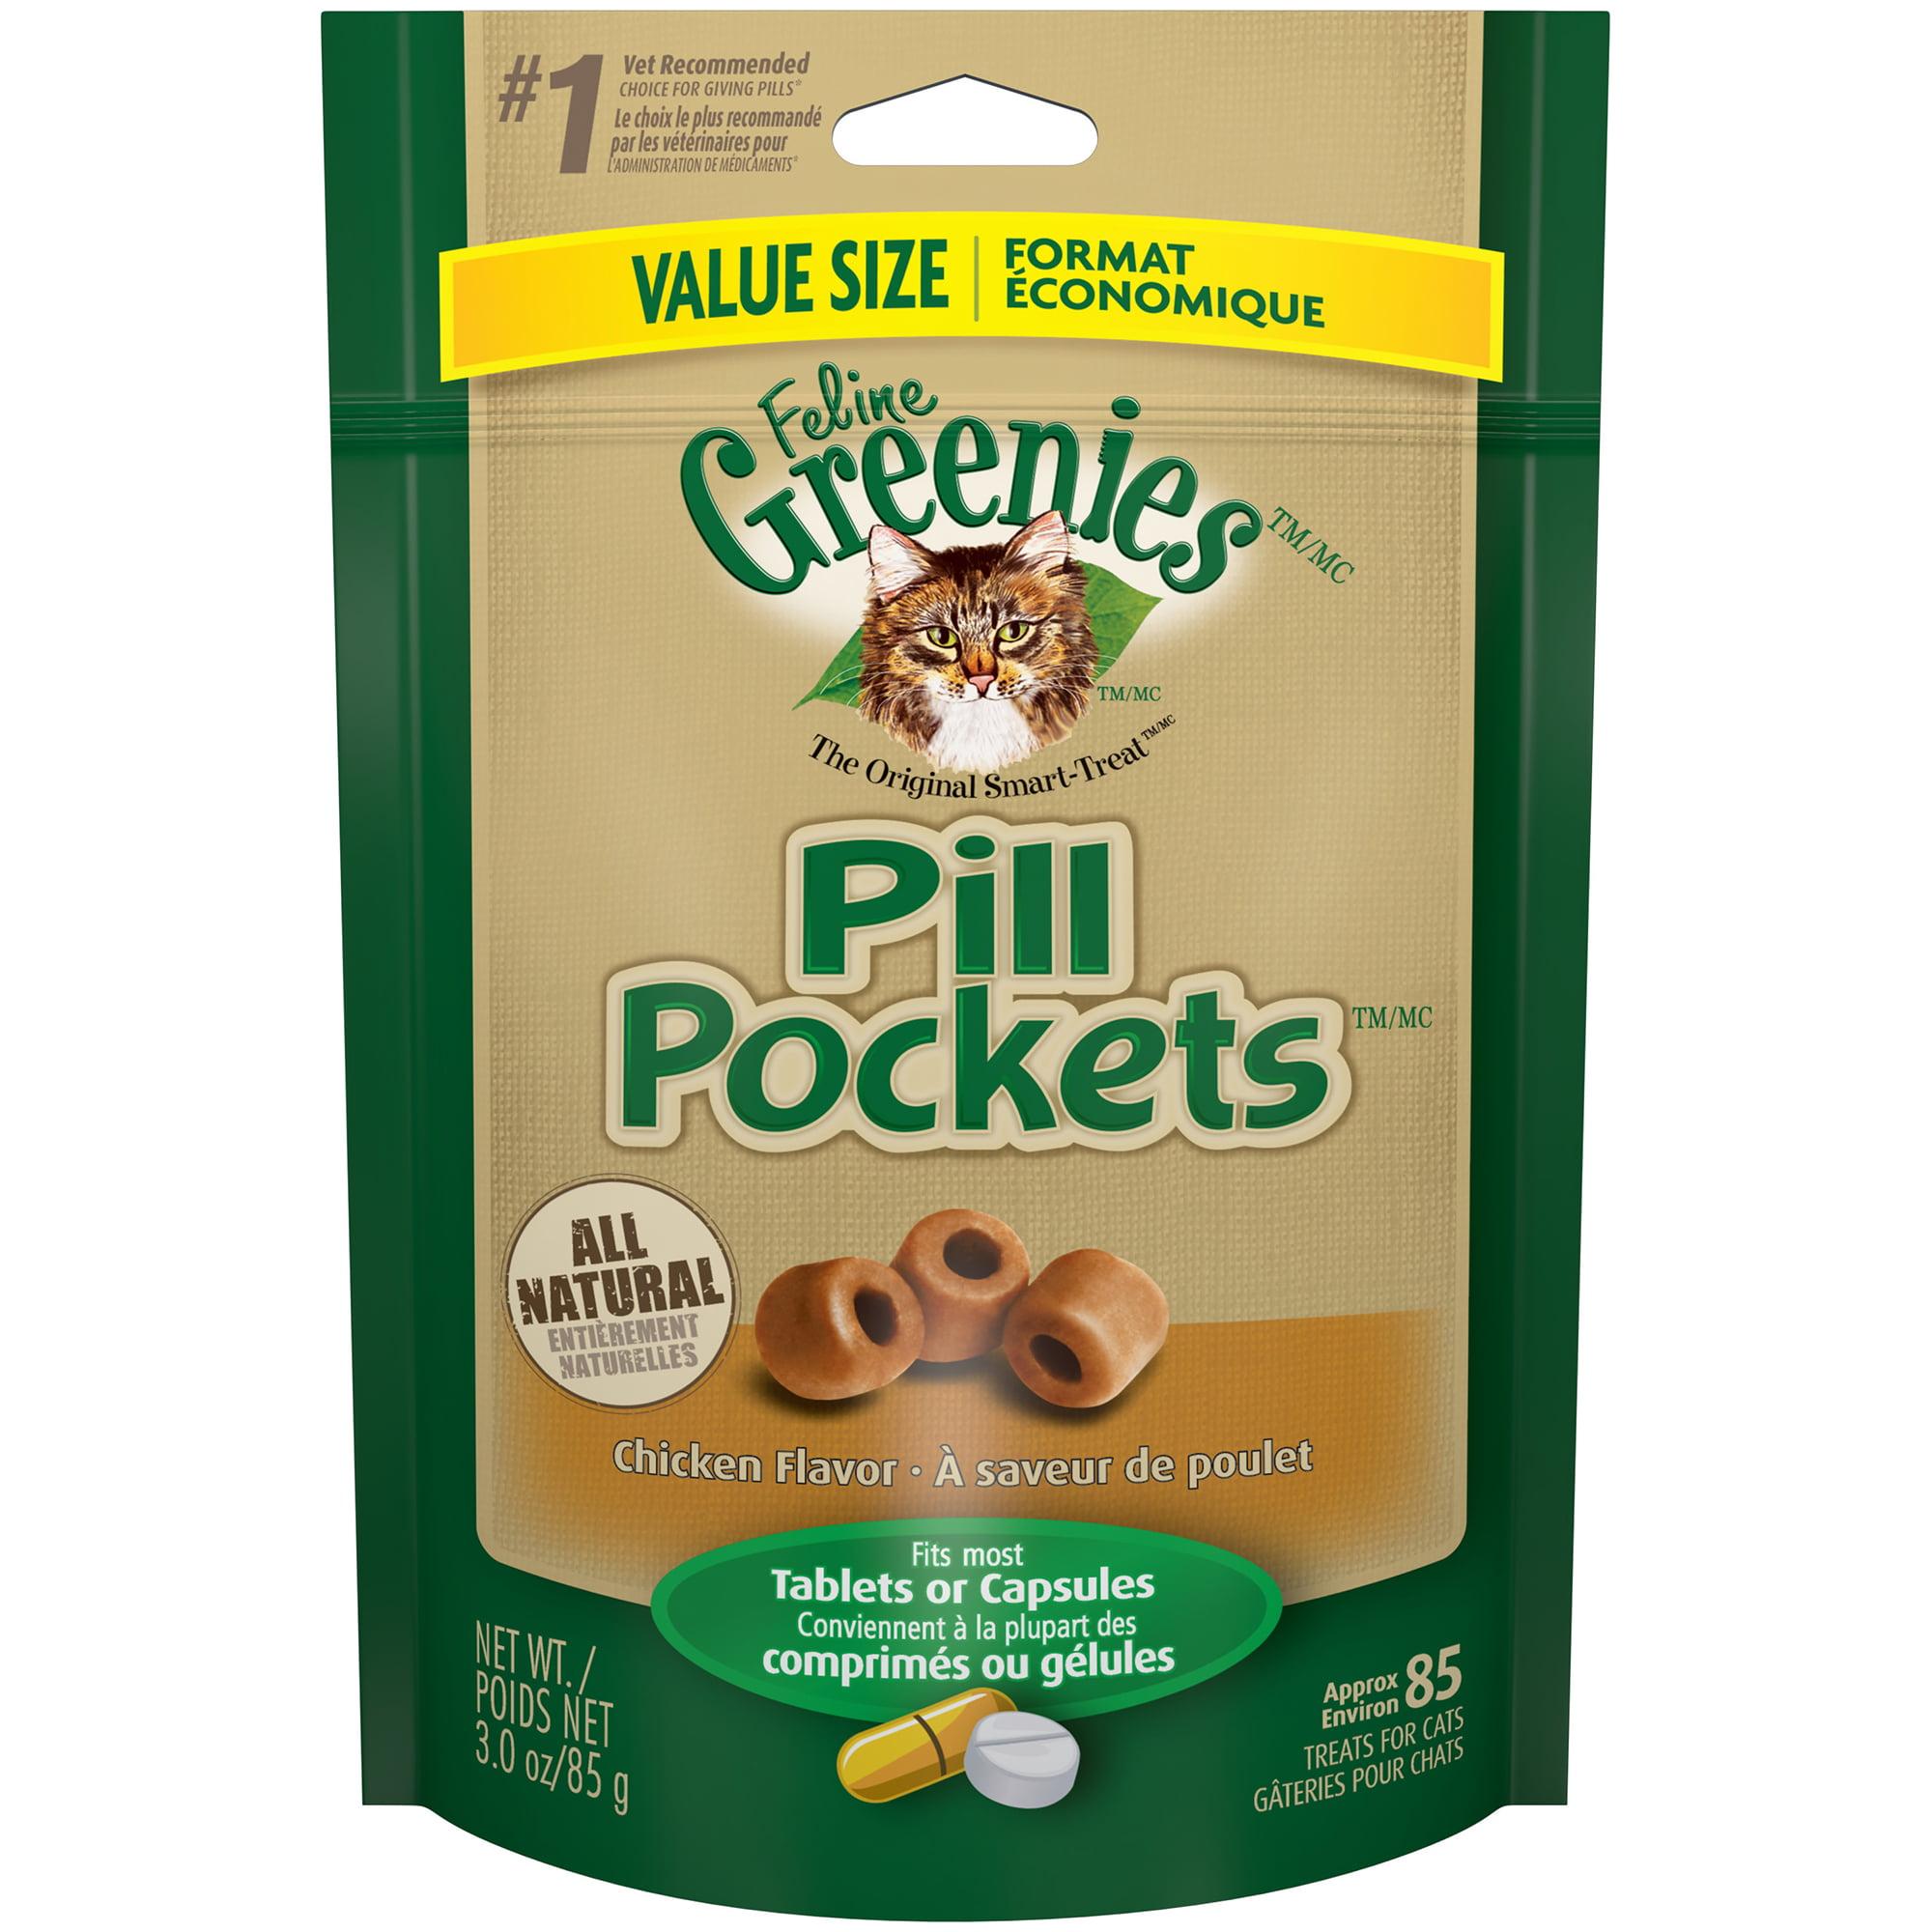 FELINE GREENIES PILL POCKETS Natural Cat Treats Chicken Flavor, 3 oz. Value Size Pack (85 Treats)